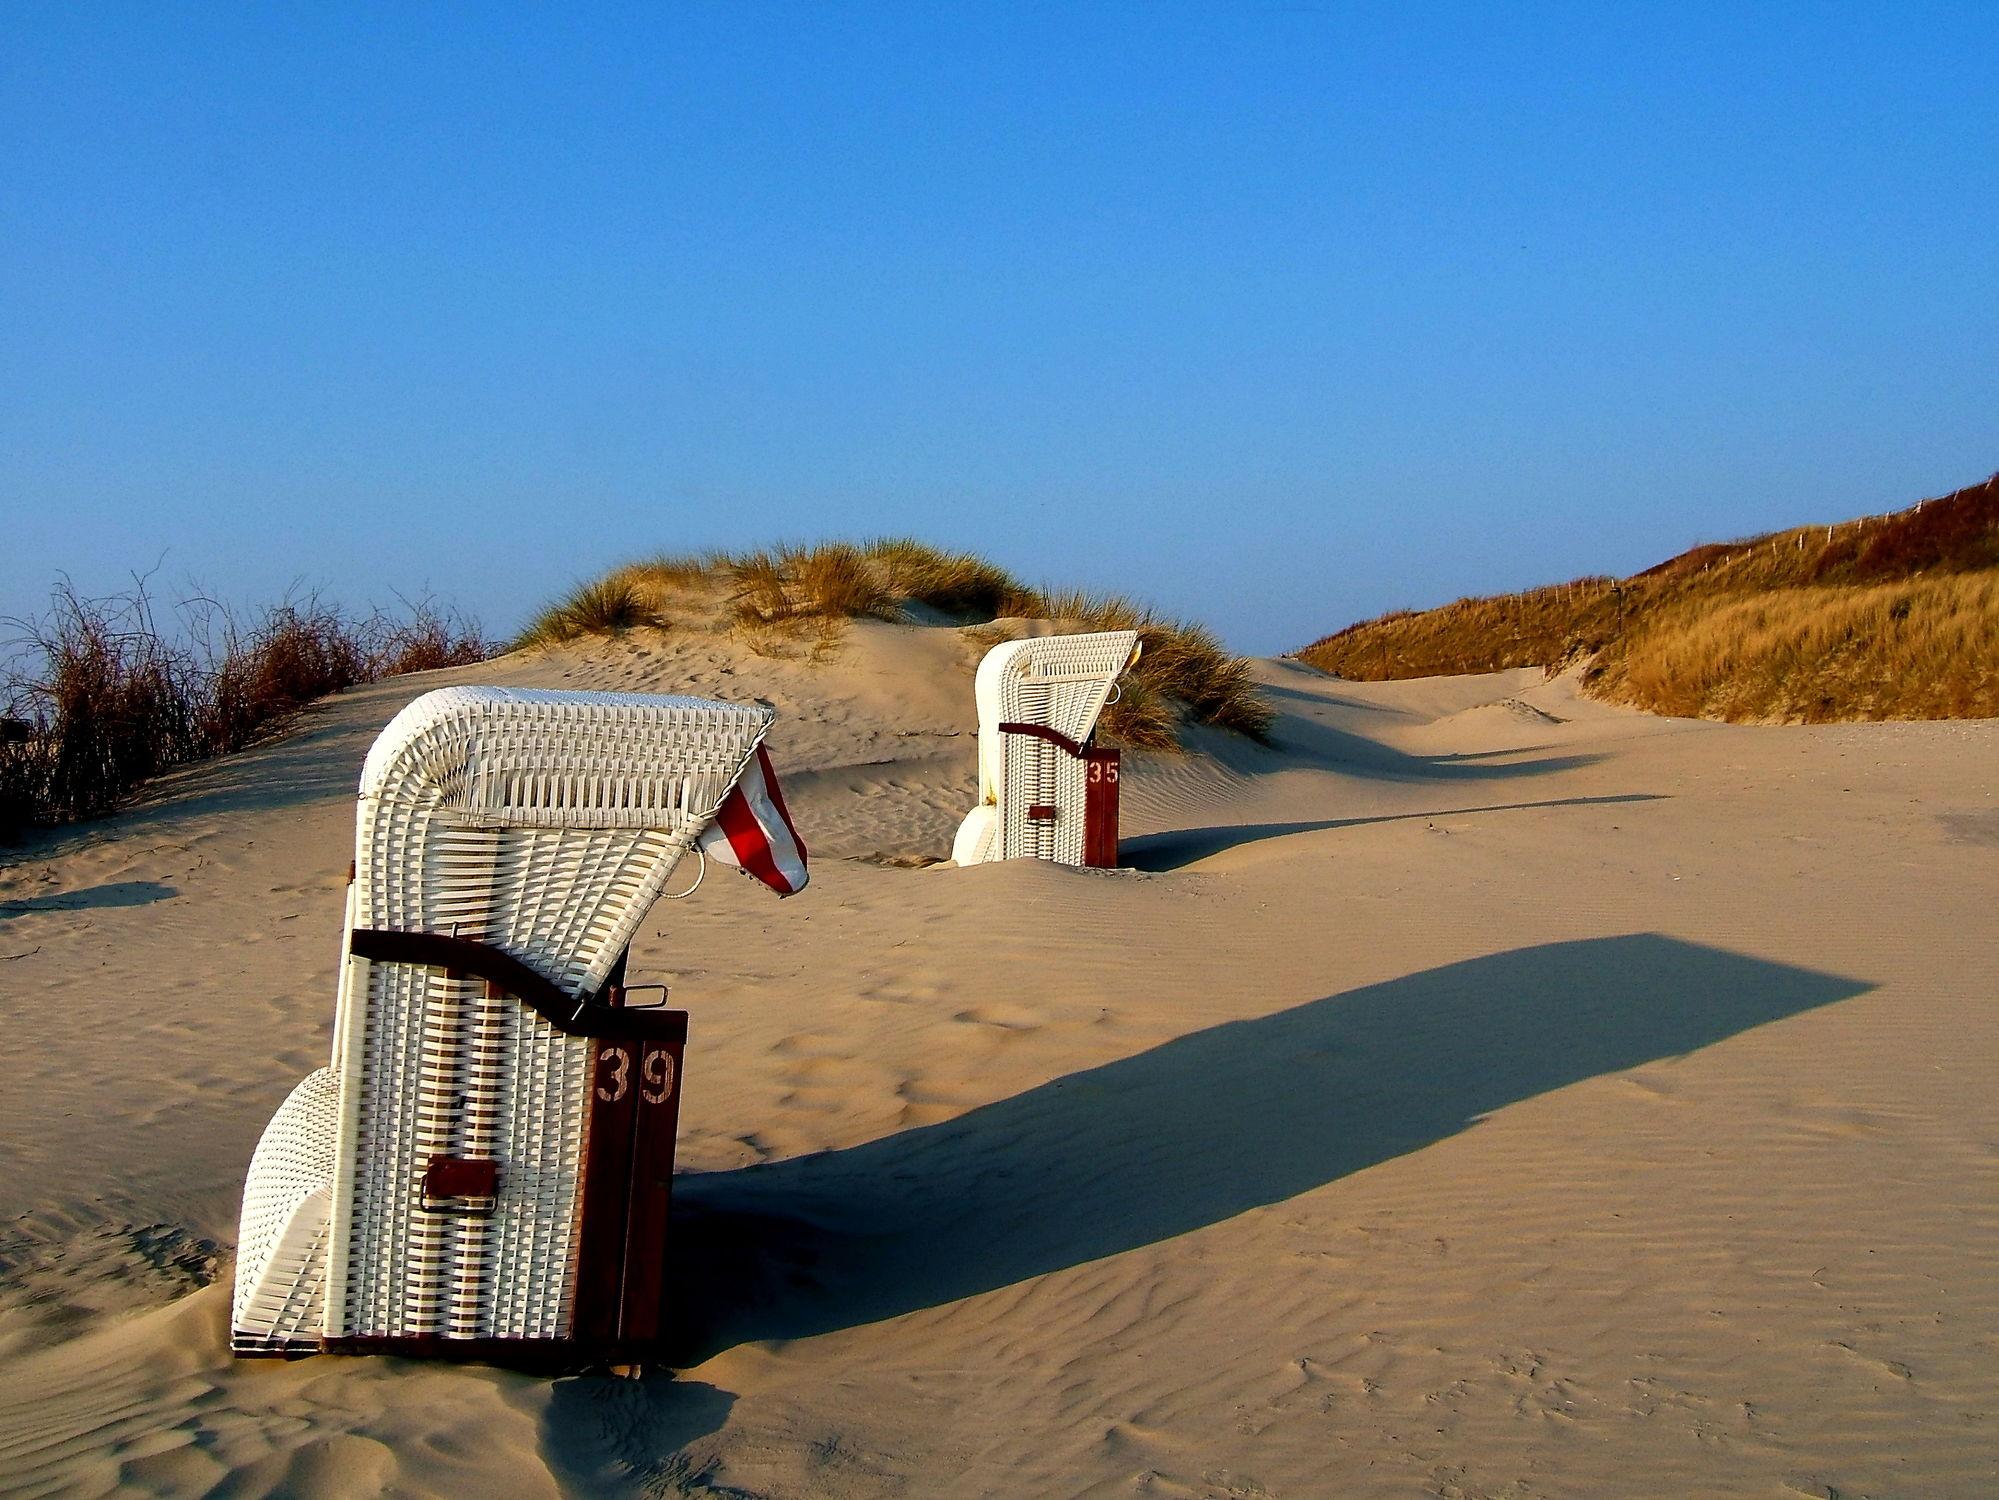 Bild mit Sonne, Strand, Meer, Strandkorb, Dünen, See, Strand / Meer, Abendsonne, Borkum, Nordstrand, Korb, Liege, .Sonne